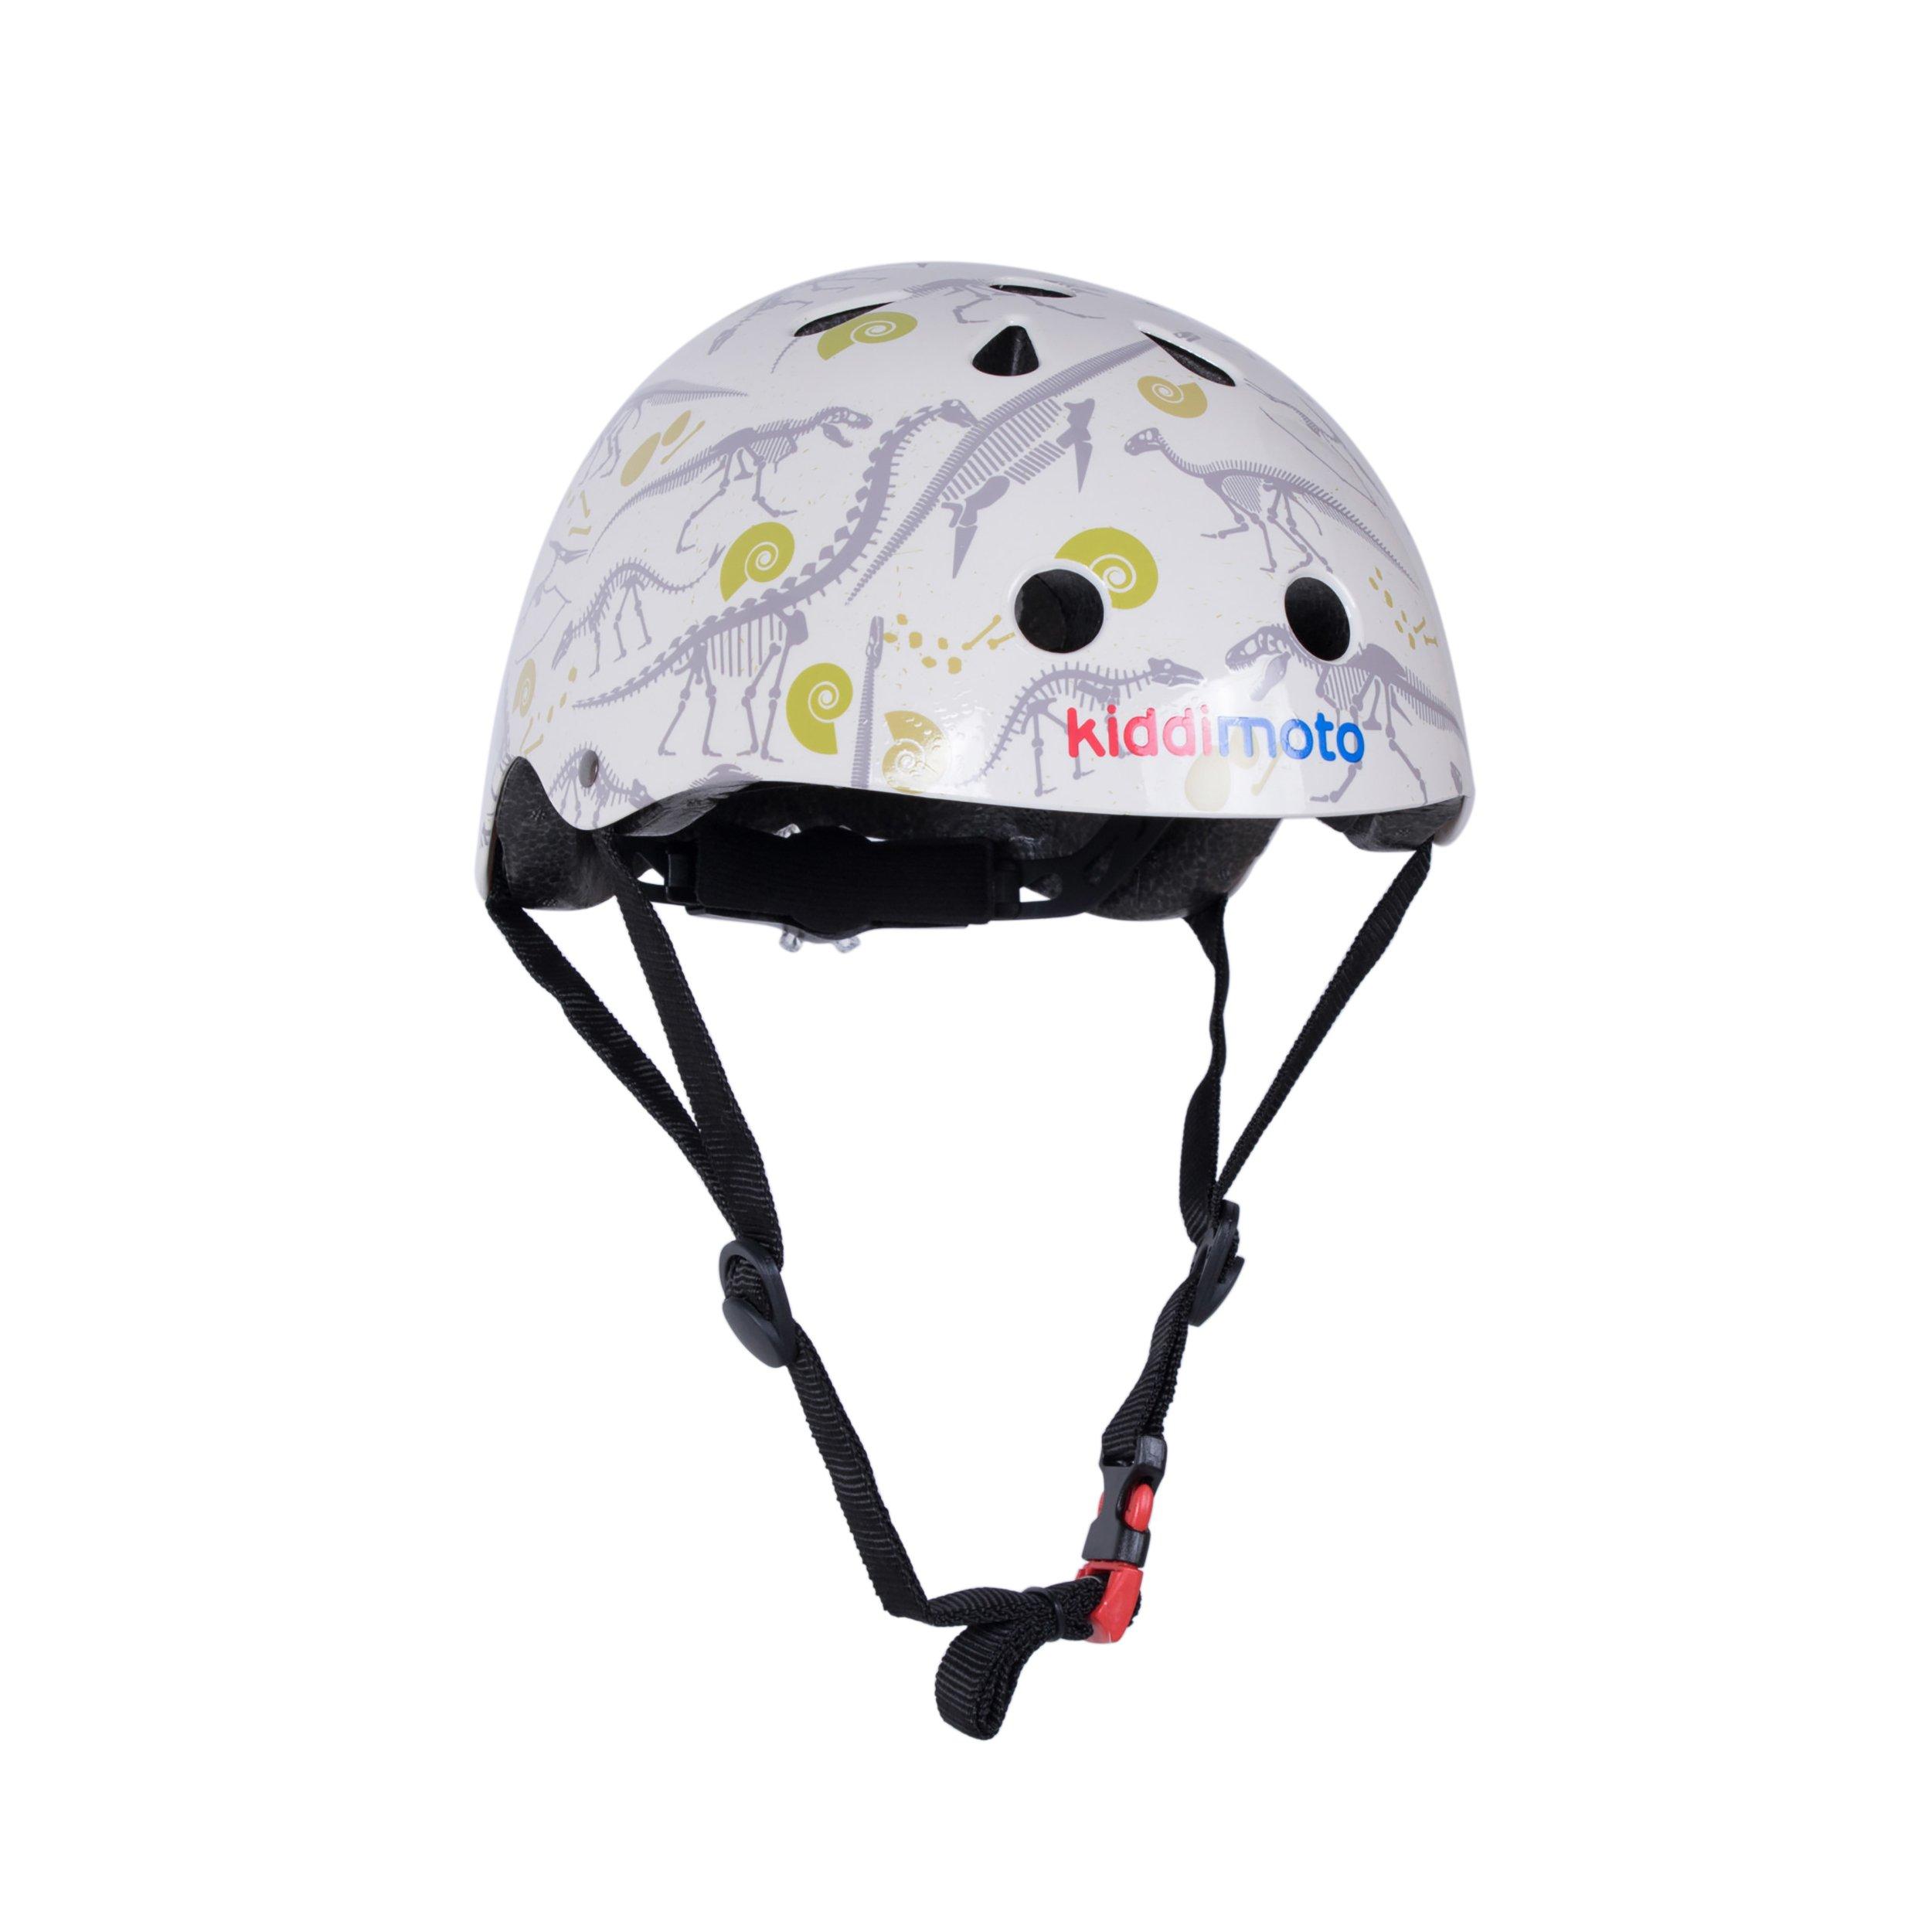 Kiddimoto Kids Patterned Helmet (Fossil, Medium)